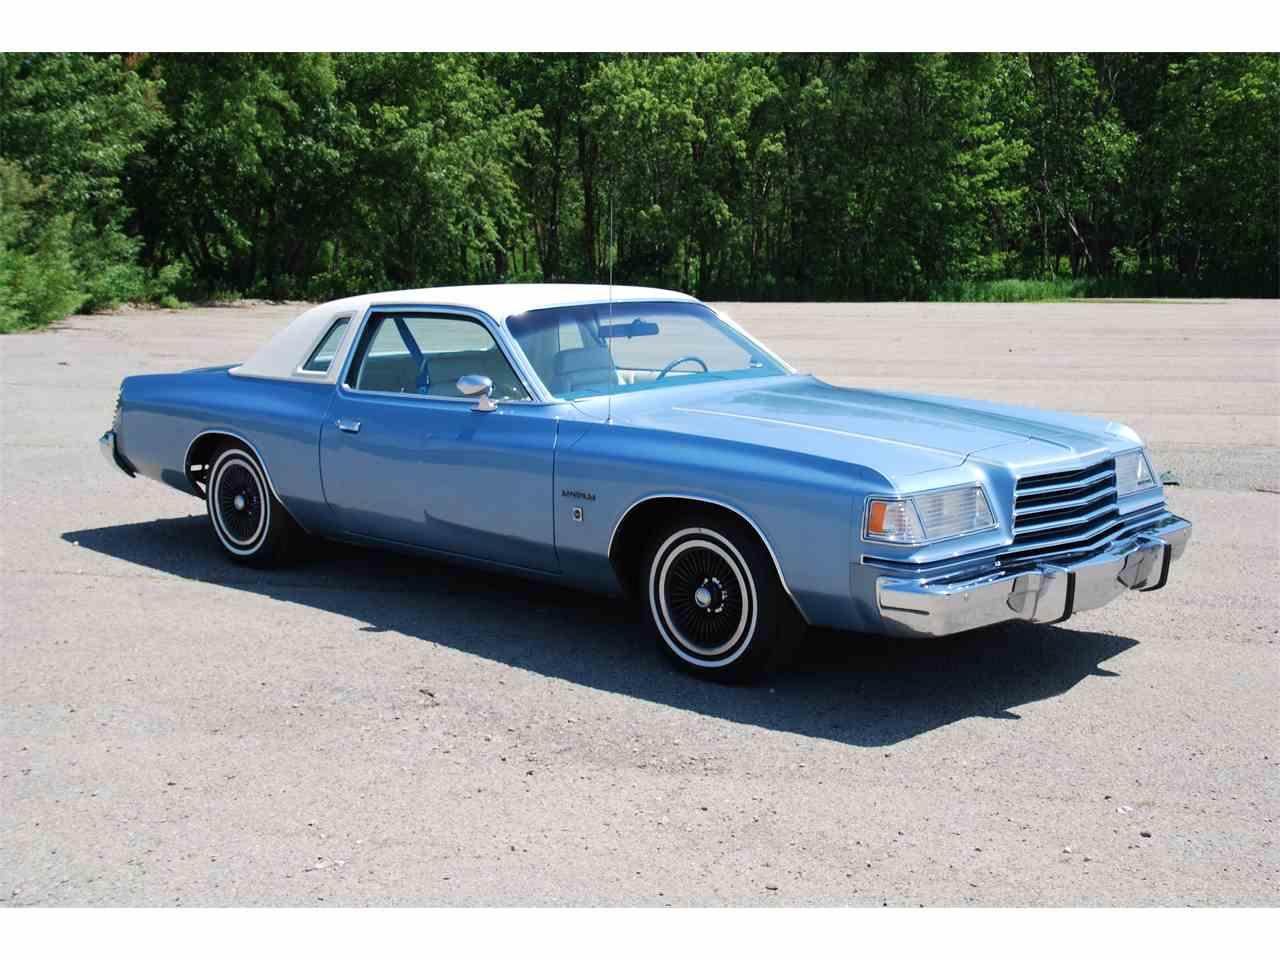 Peoria Dodge Dealer >> 1978 Dodge Magnum for Sale | ClassicCars.com | CC-1007204